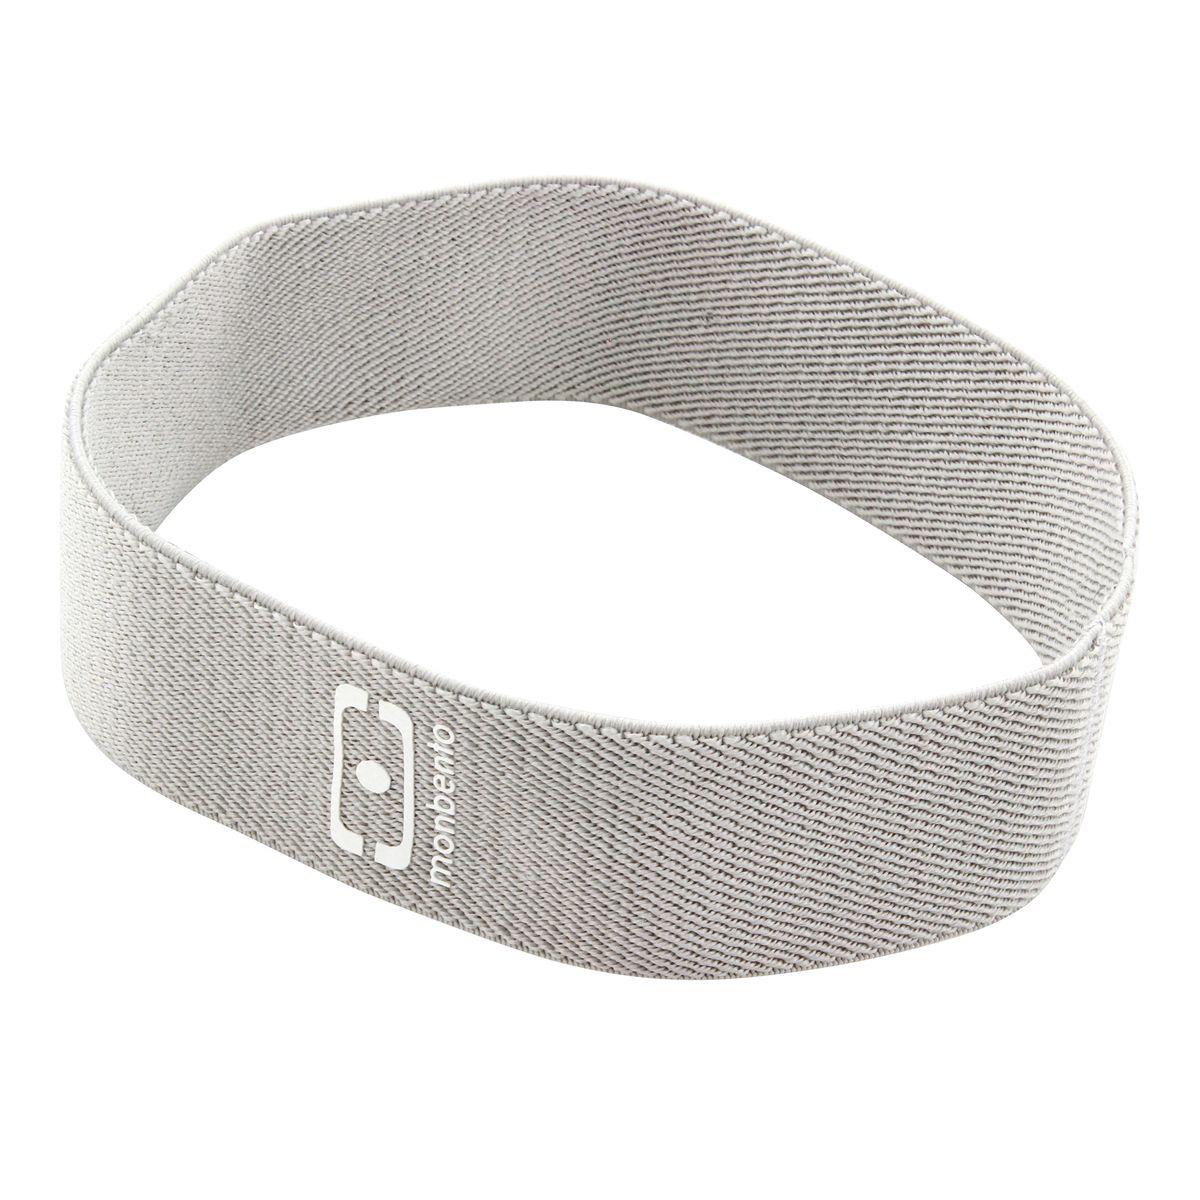 Pièce de rechange : elastique pour bento gris 3 x 17 cm MB Strip original - Monbento